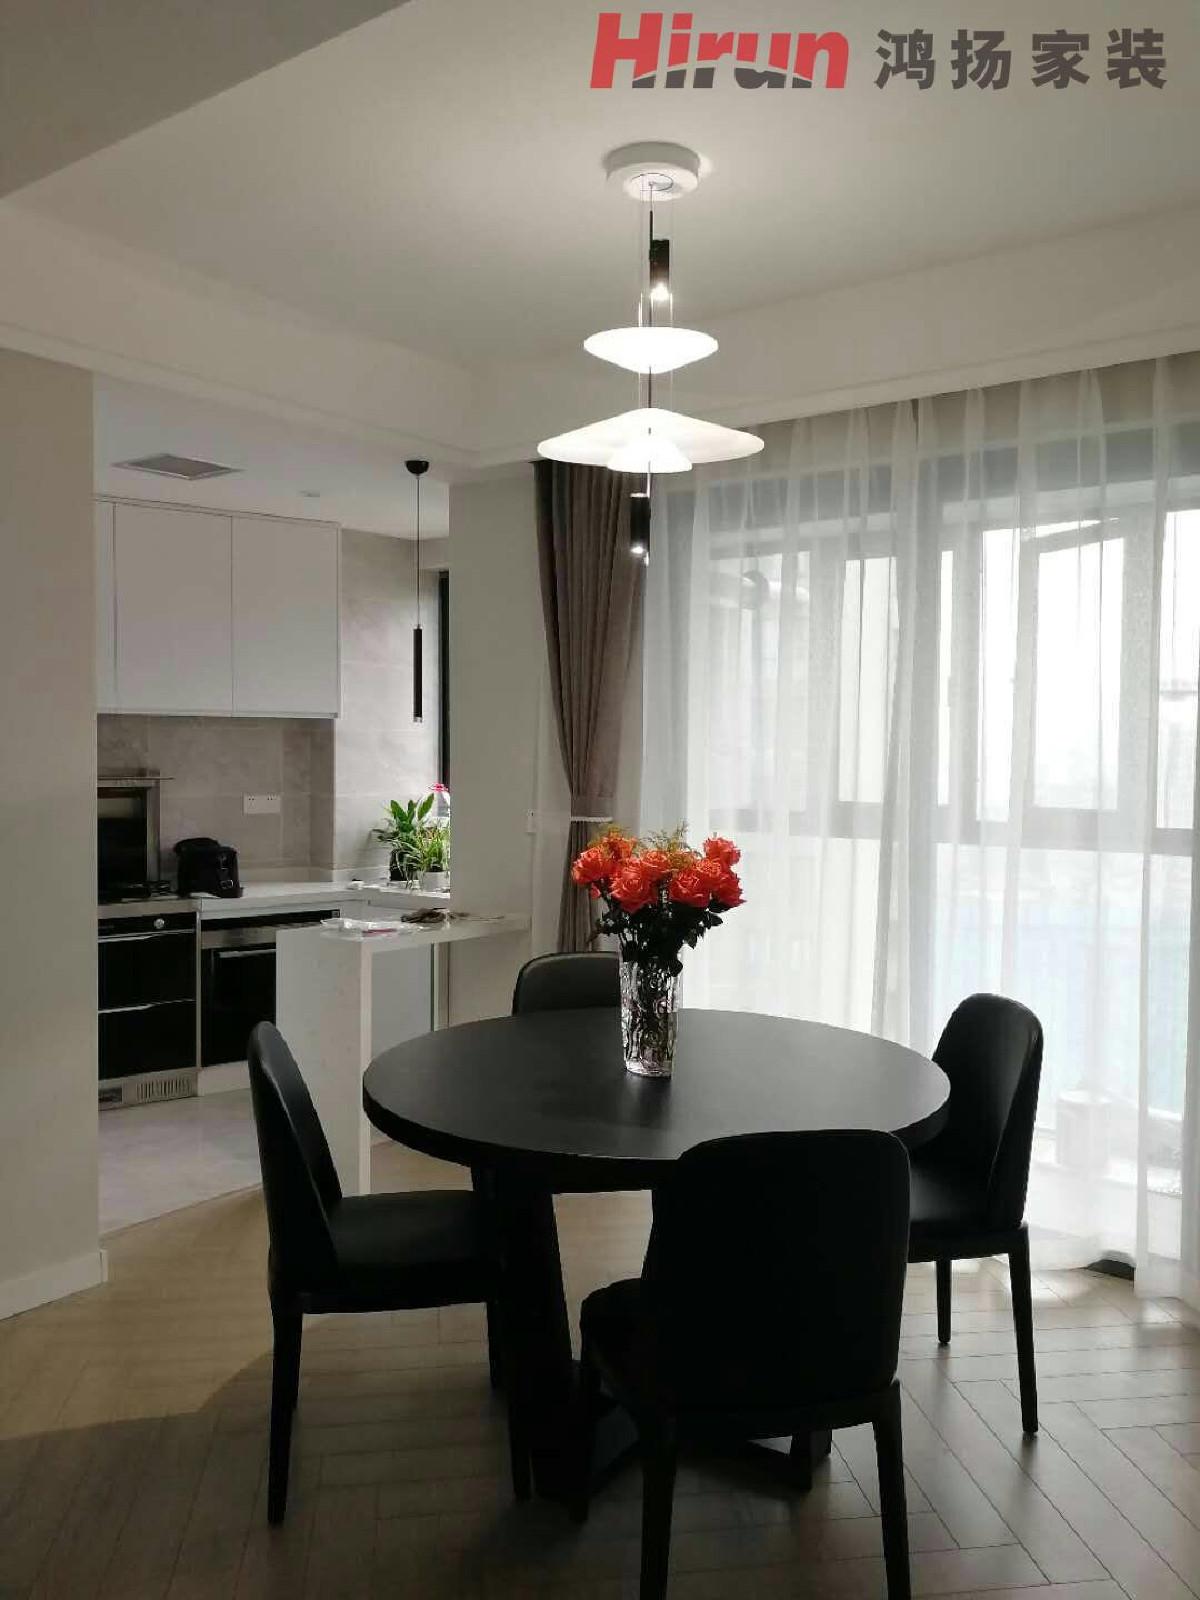 以黑白灰色调为主的现代简洁的墙地面.家具为主要表现元素.